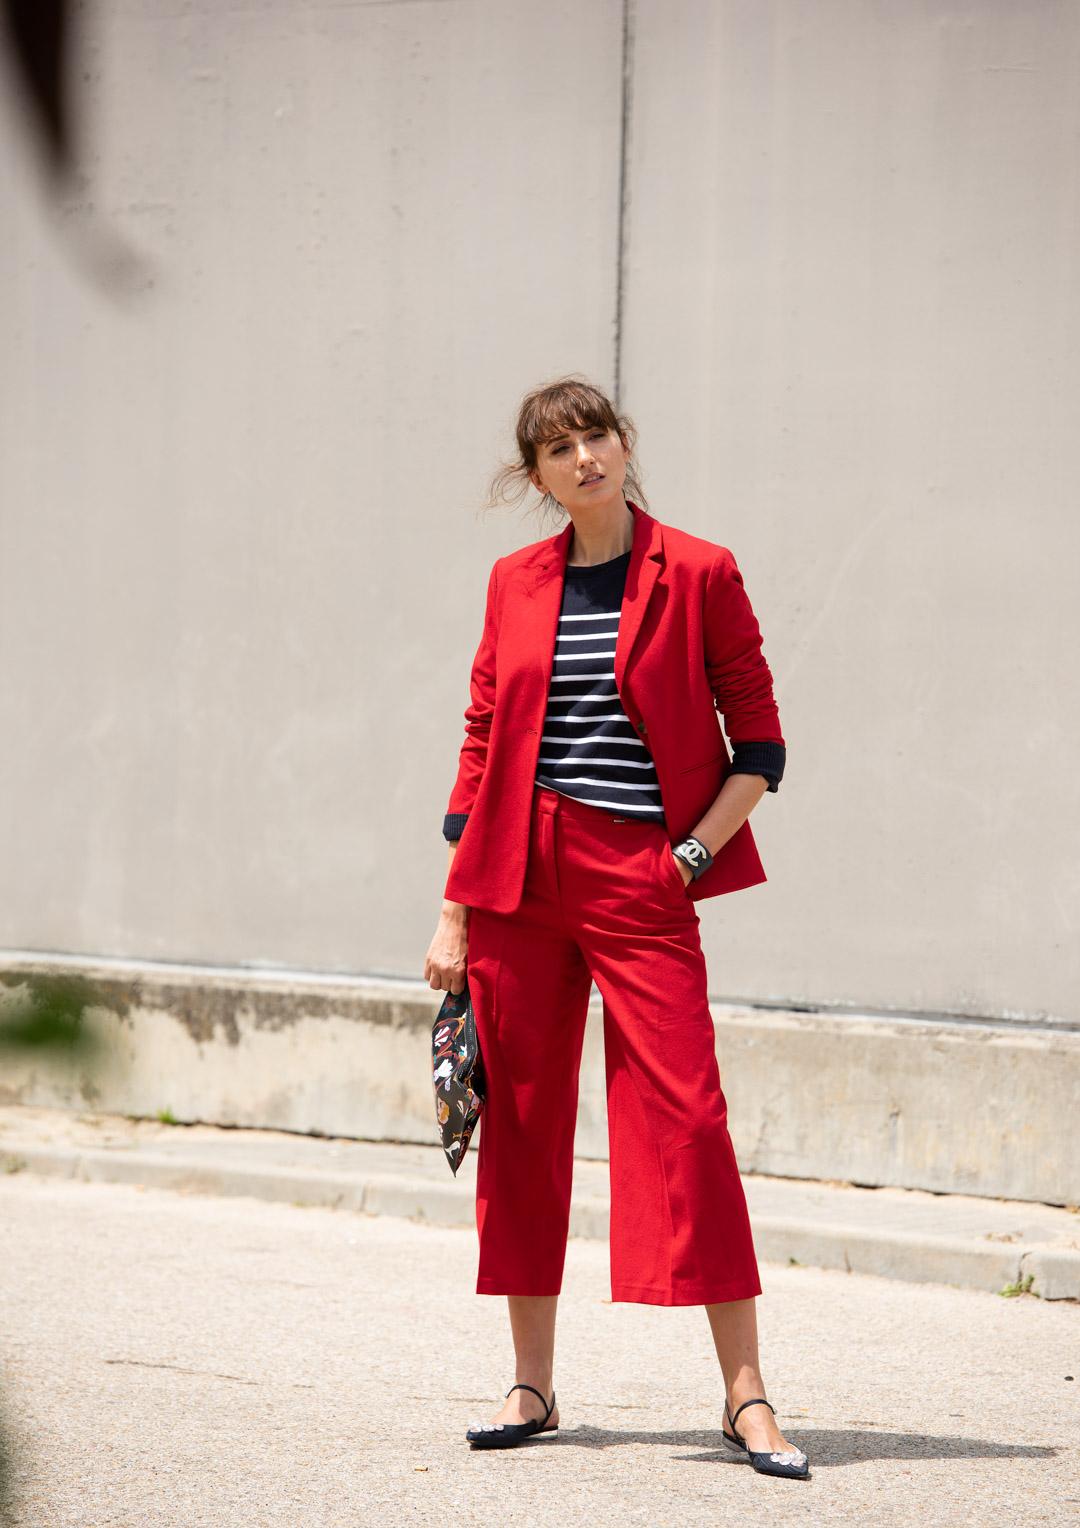 red-suit-street-style-mayte-de-la-iglesia-web-04